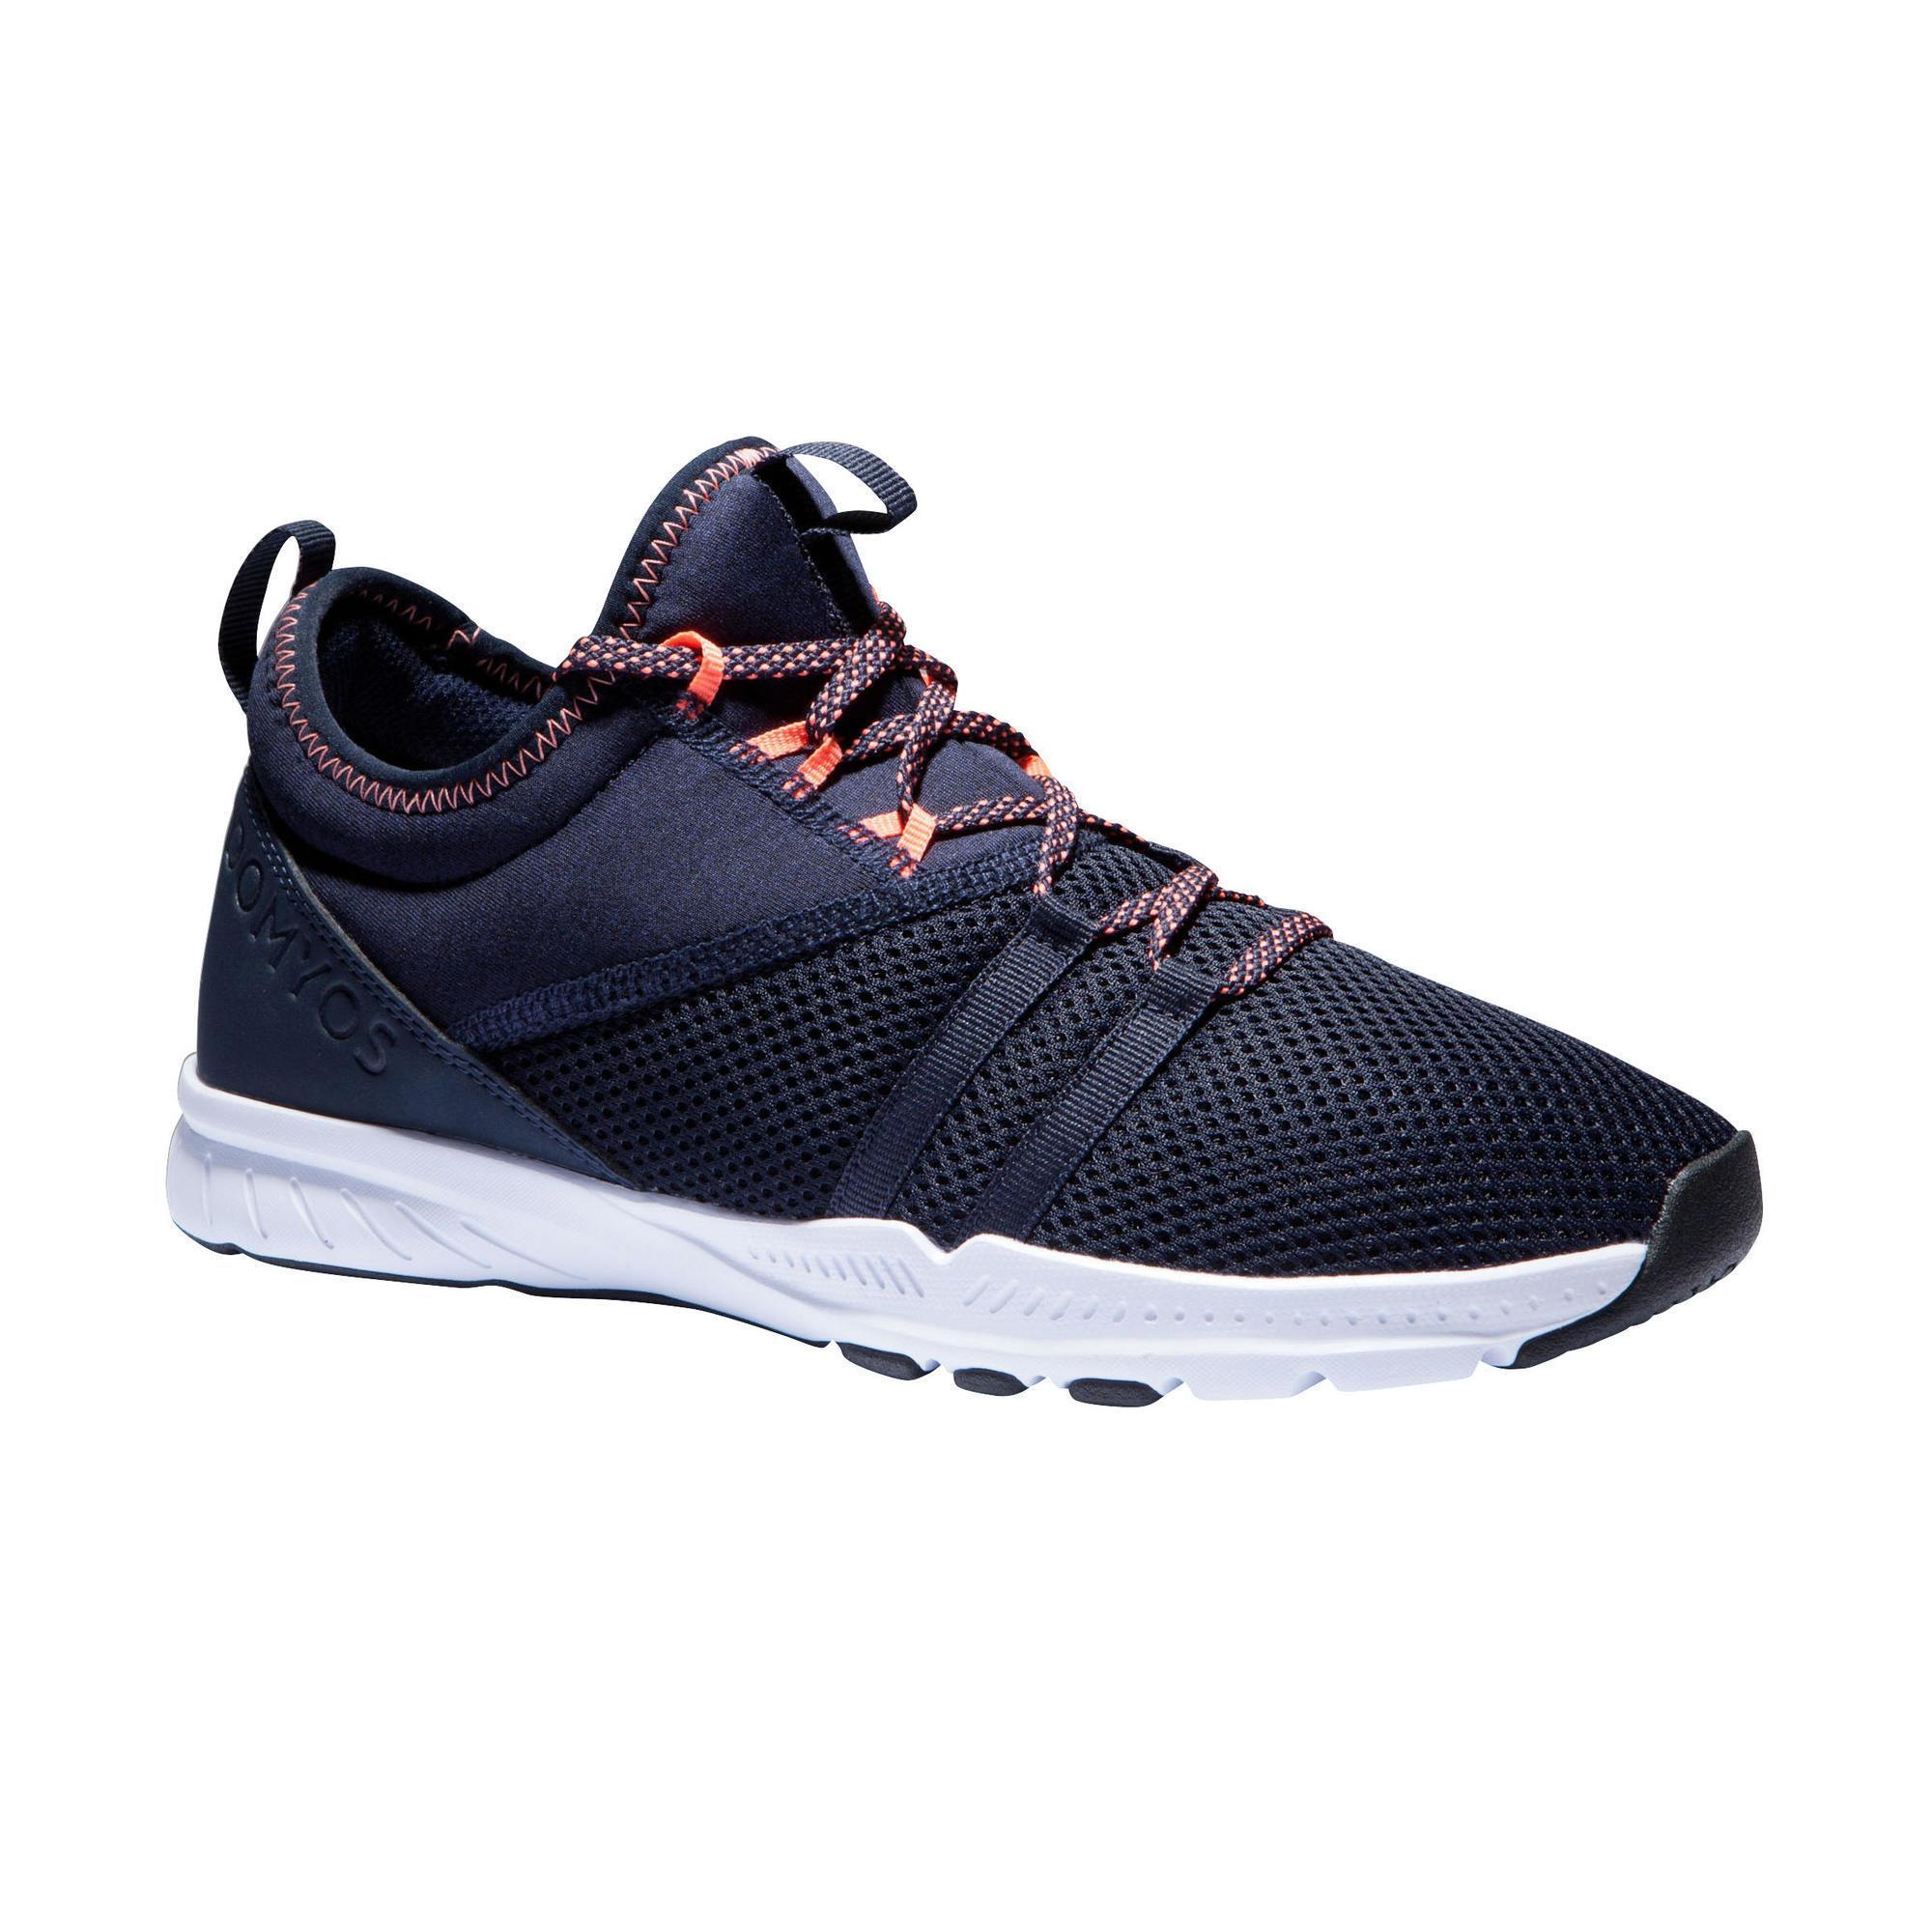 596b28e0569 Comprar Zapatillas para bailar Fitness Dance Online | Decathlon